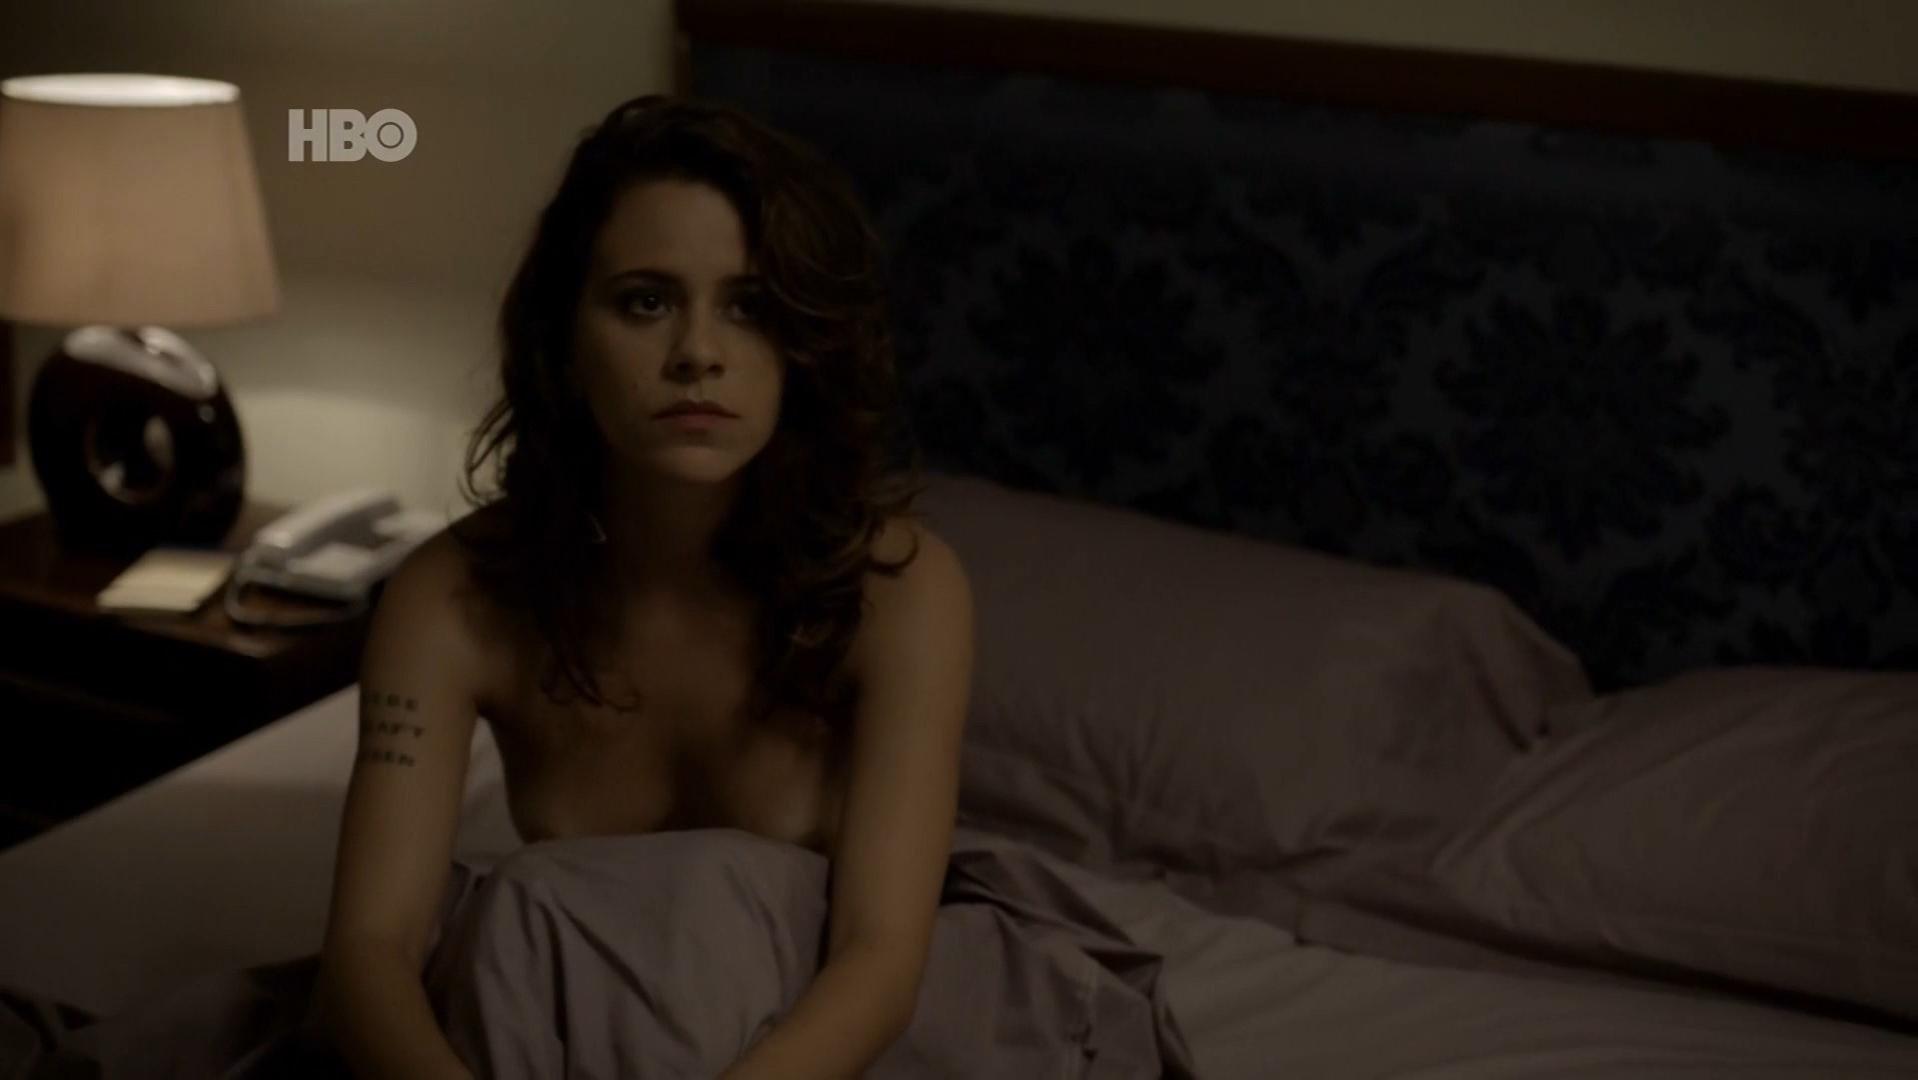 Hairy nude actress tamanna